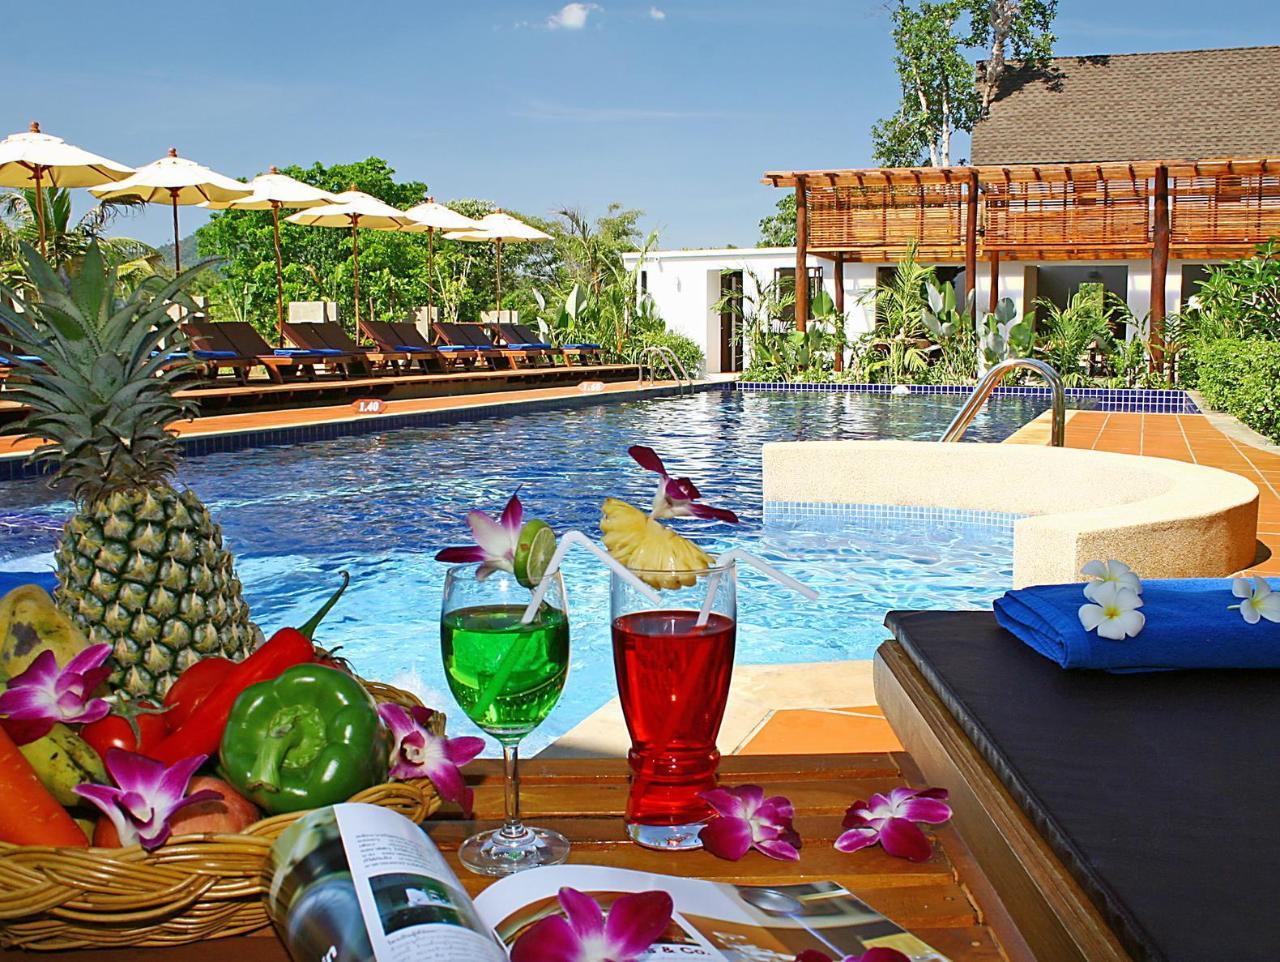 ดวงใจ รีสอร์ท (Duangjai Resort)